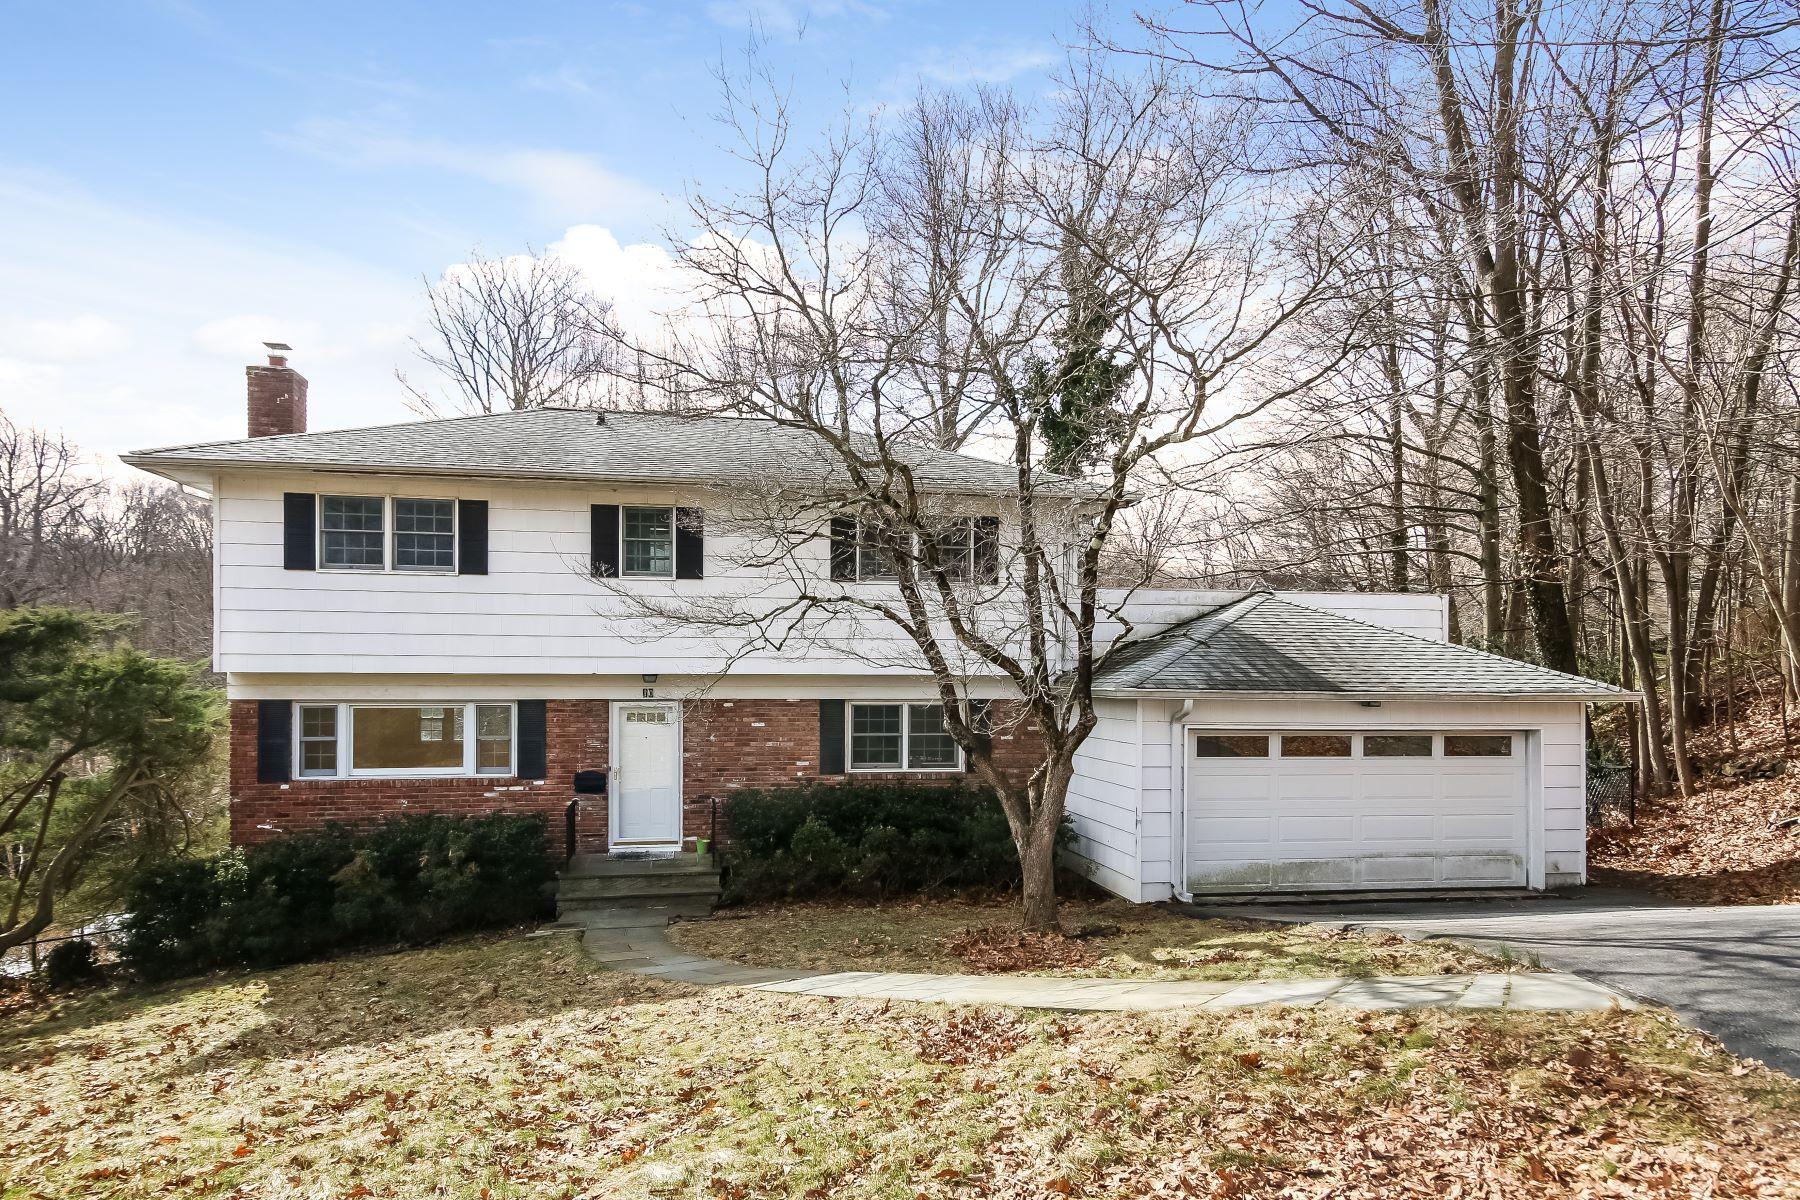 Частный односемейный дом для того Продажа на Sunny and Bright Colonial is Scarsdale 10 Magnolia Road, Scarsdale, Нью-Йорк, 10583 Соединенные Штаты